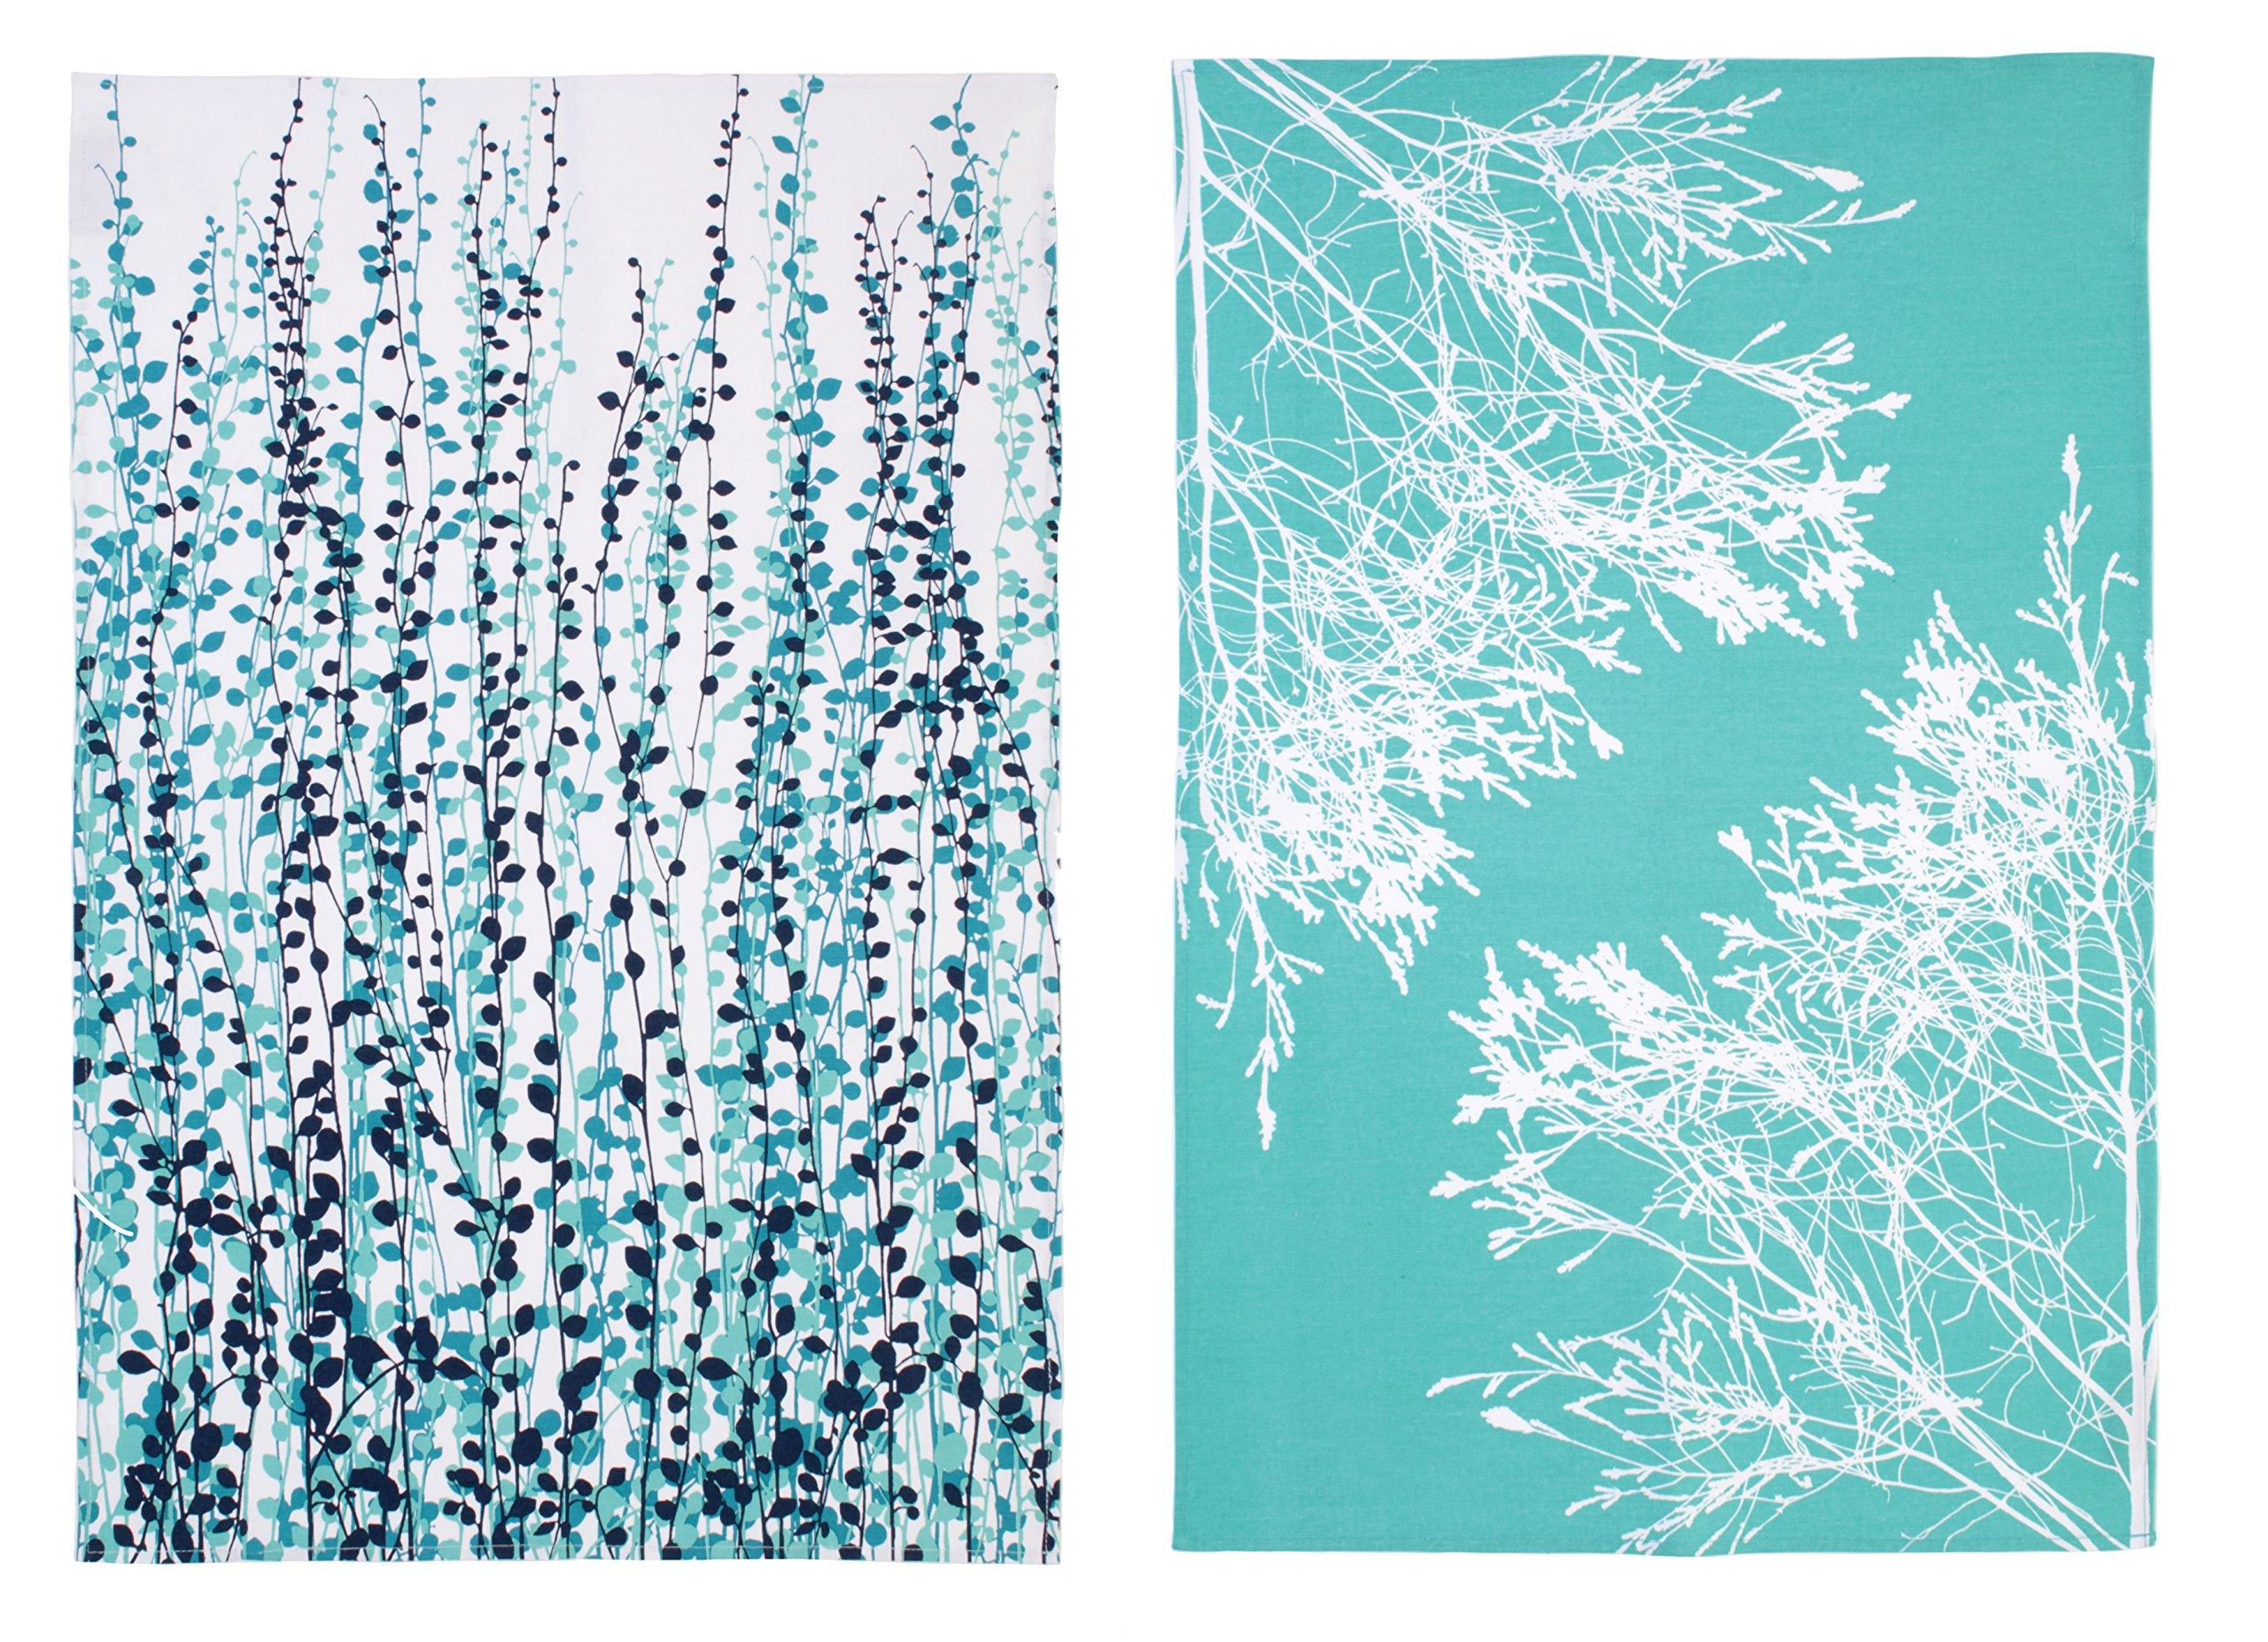 Ulster Weavers Clarissa Hulse Blue Fynbos Cotton Tea Towel, 2 Pack CH 2